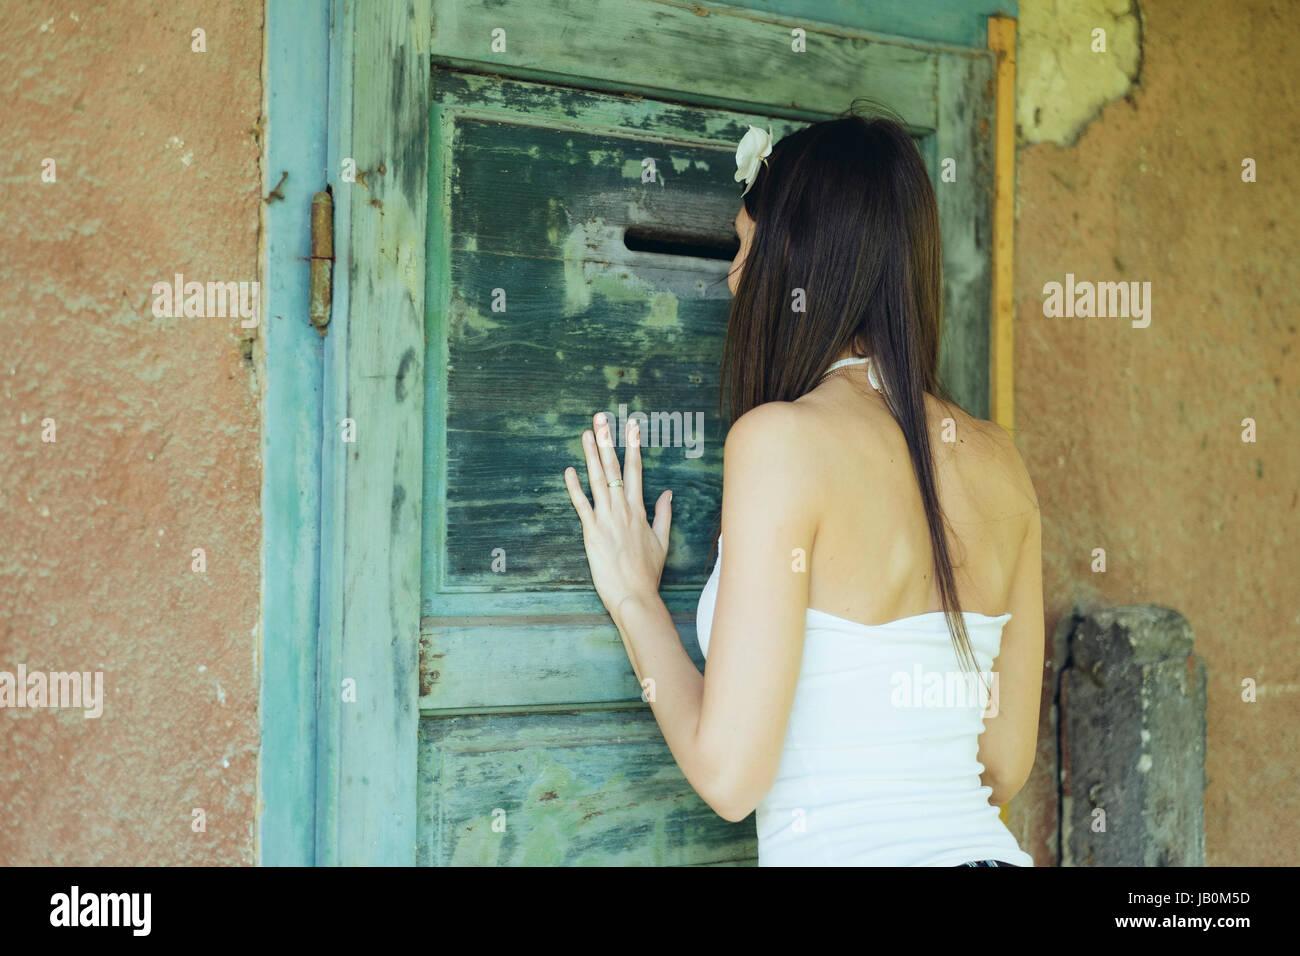 Woman watch keyhole - Stock Image